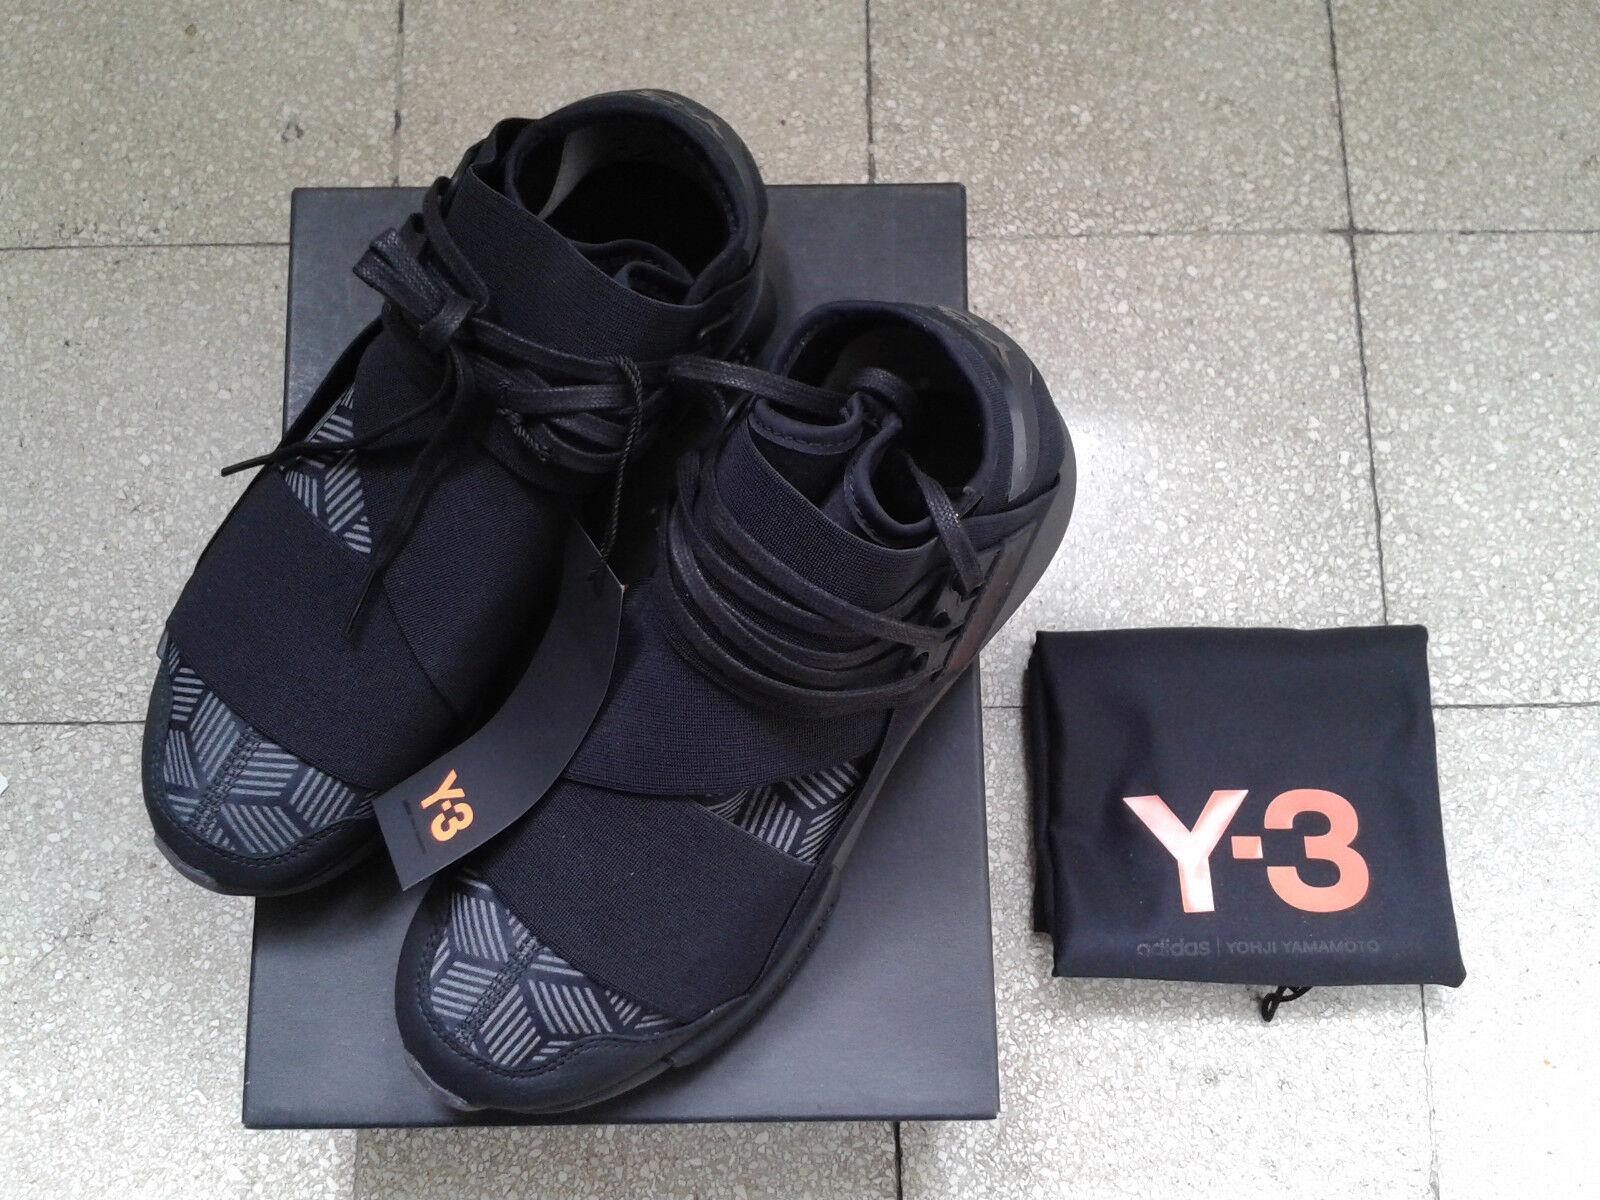 ca22efb84 ... Adidas Y-3 Qasa High Primeknit Yamamoto S82123 nuove mai indossate  indossate indossate a0bd88 ...